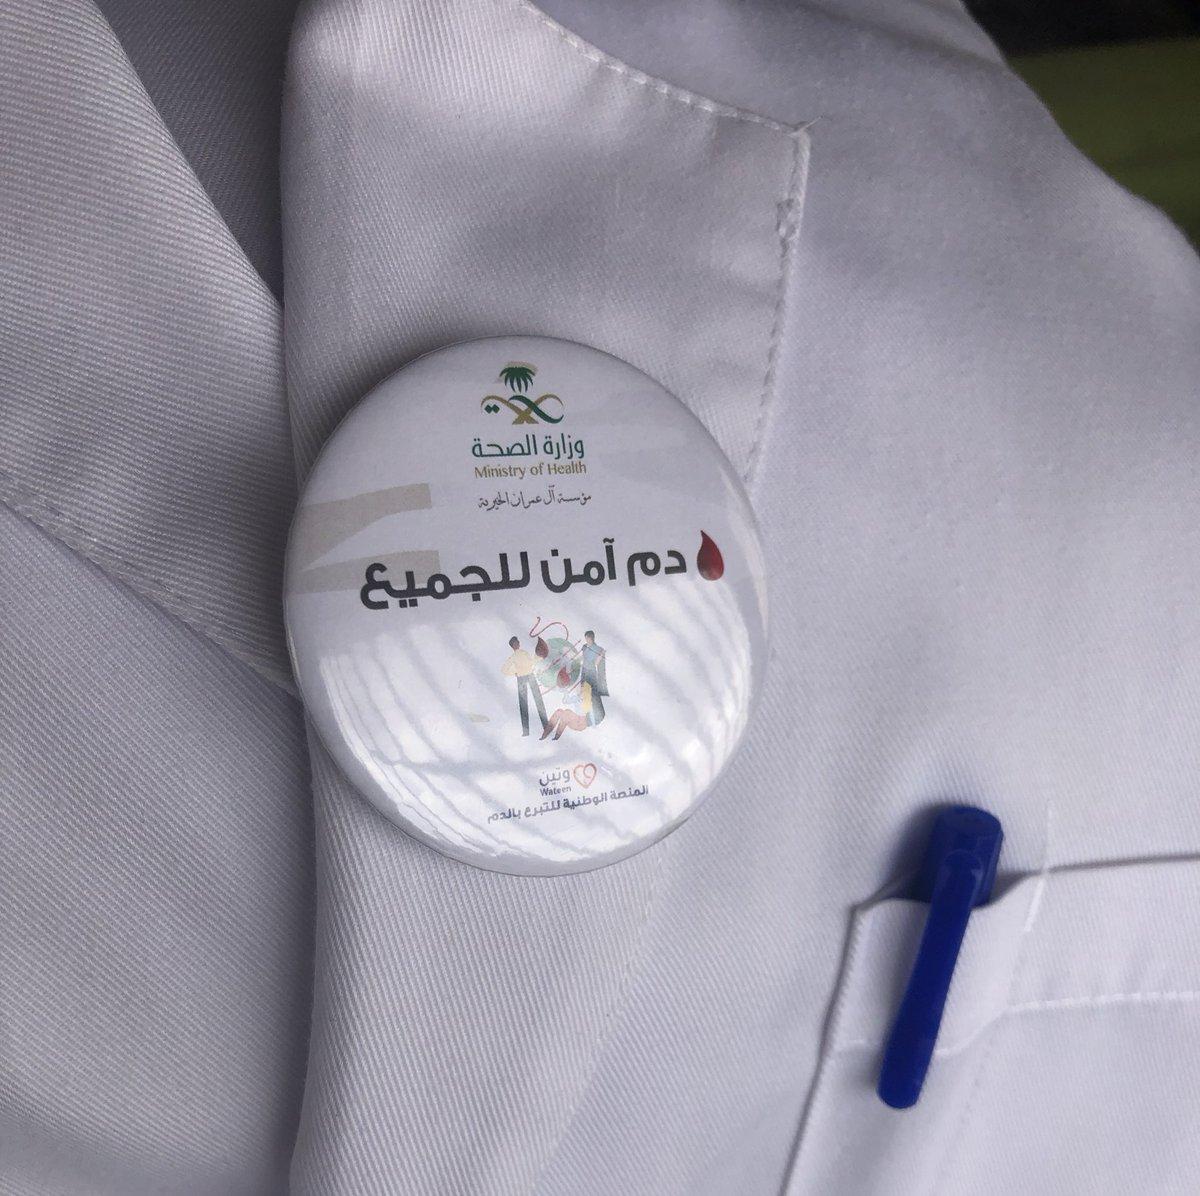 هنالك من يحتاج إلينا  #دم_آمن_للجميع #اليوم_العالمي_للتبرع_بالدم